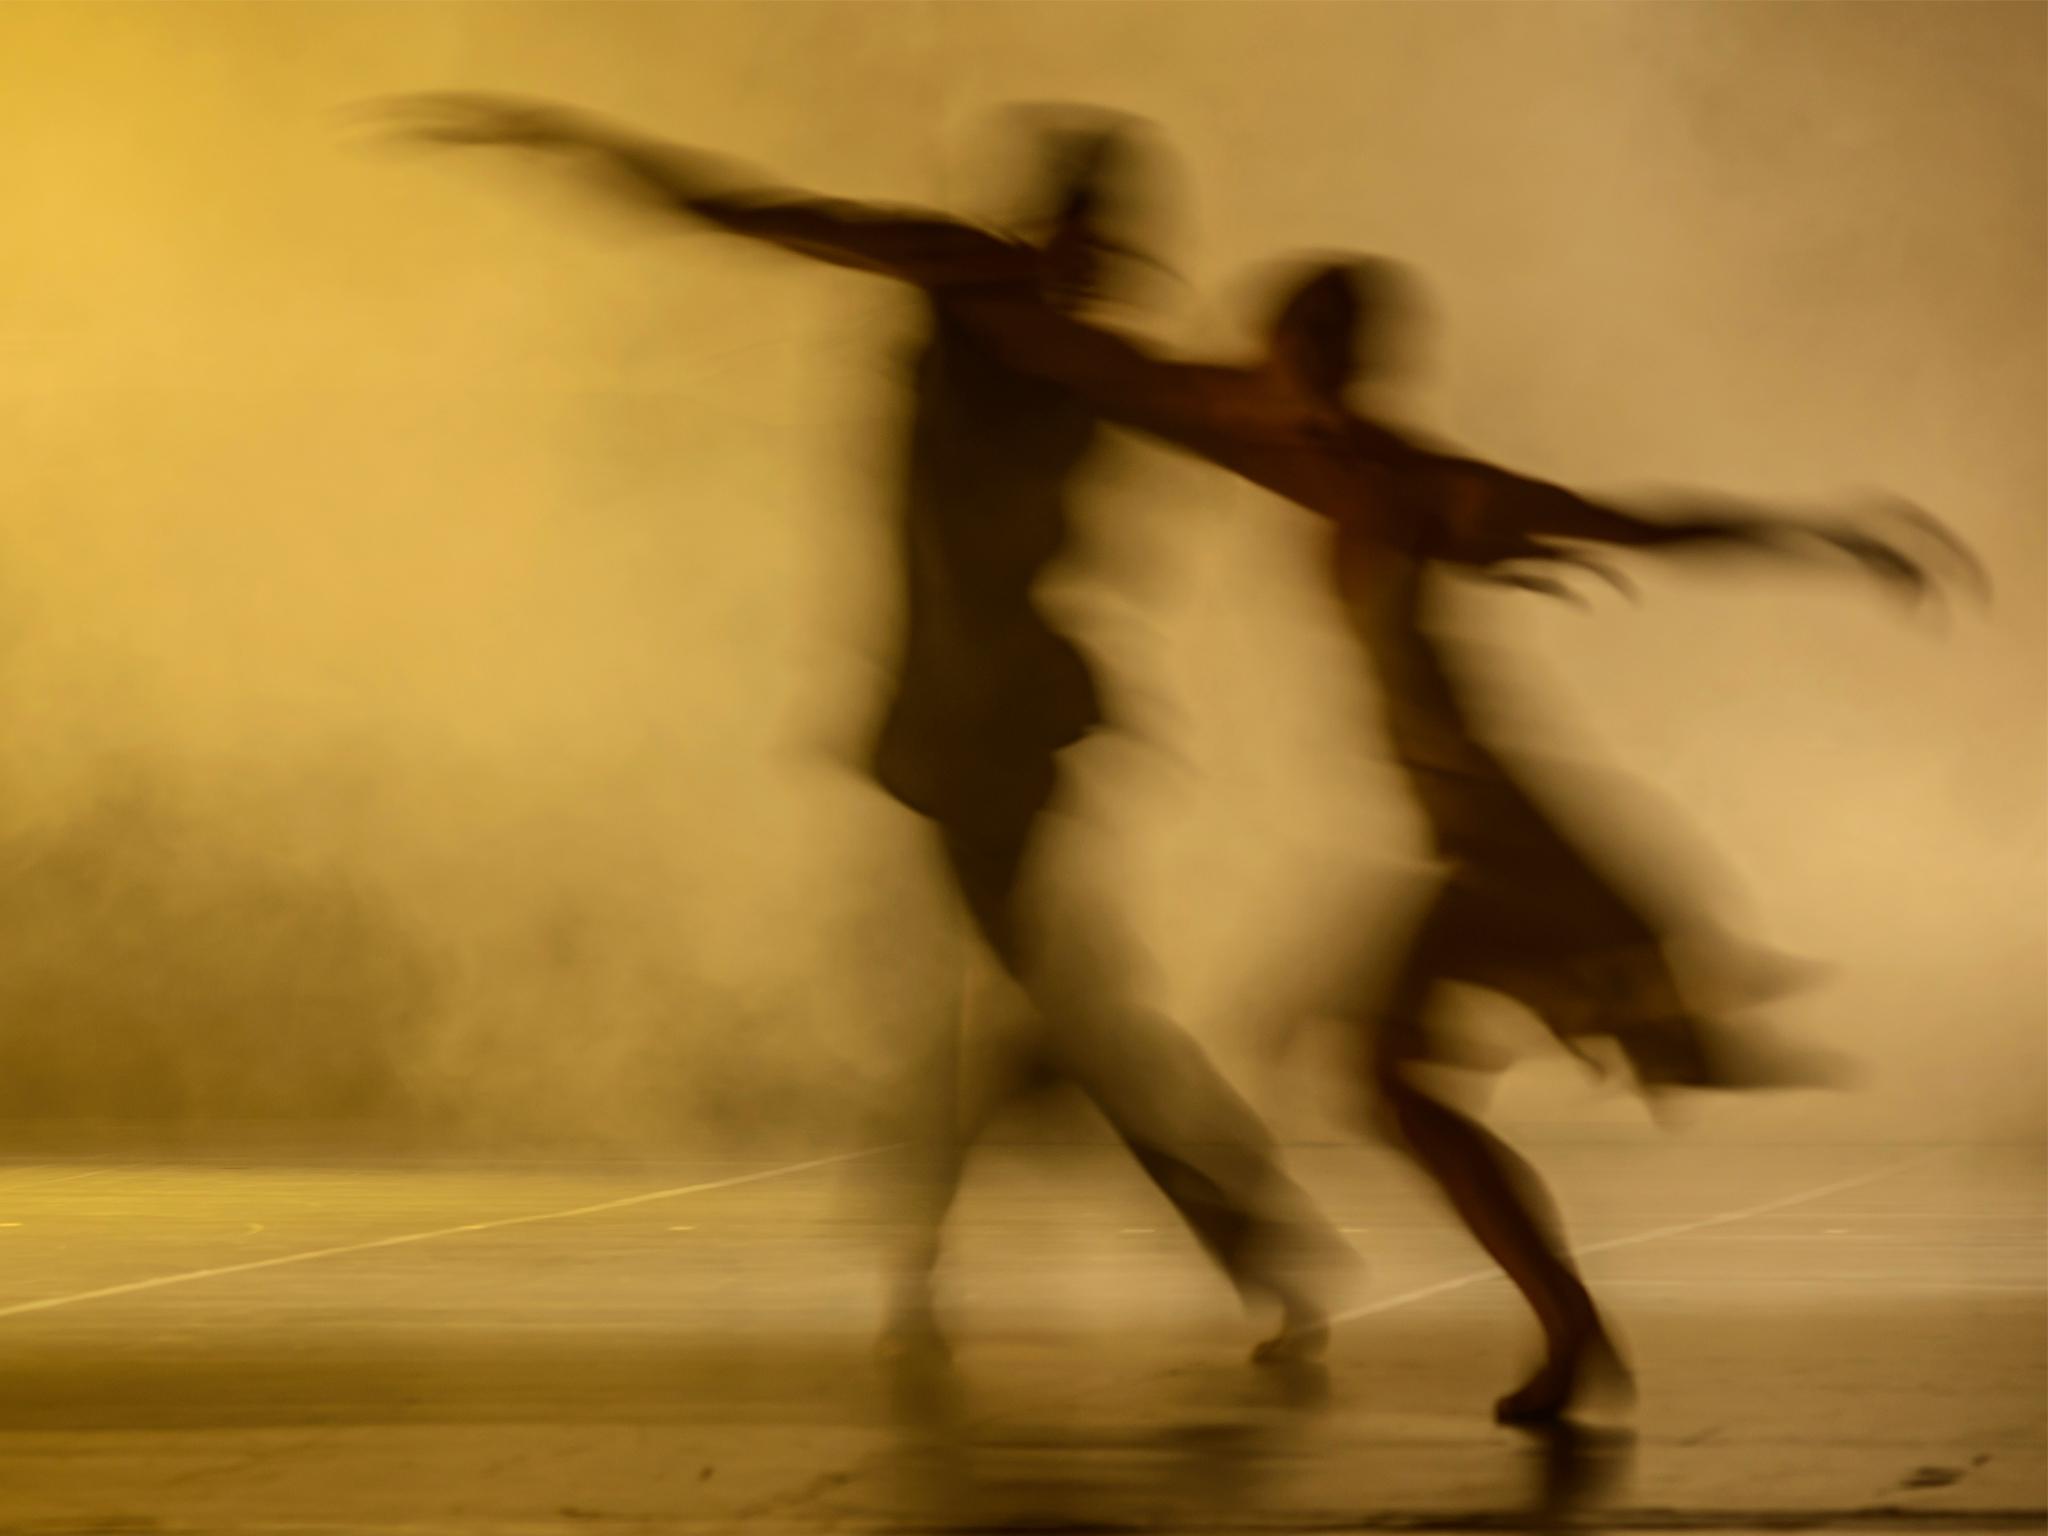 danza contemporanea foto de istock